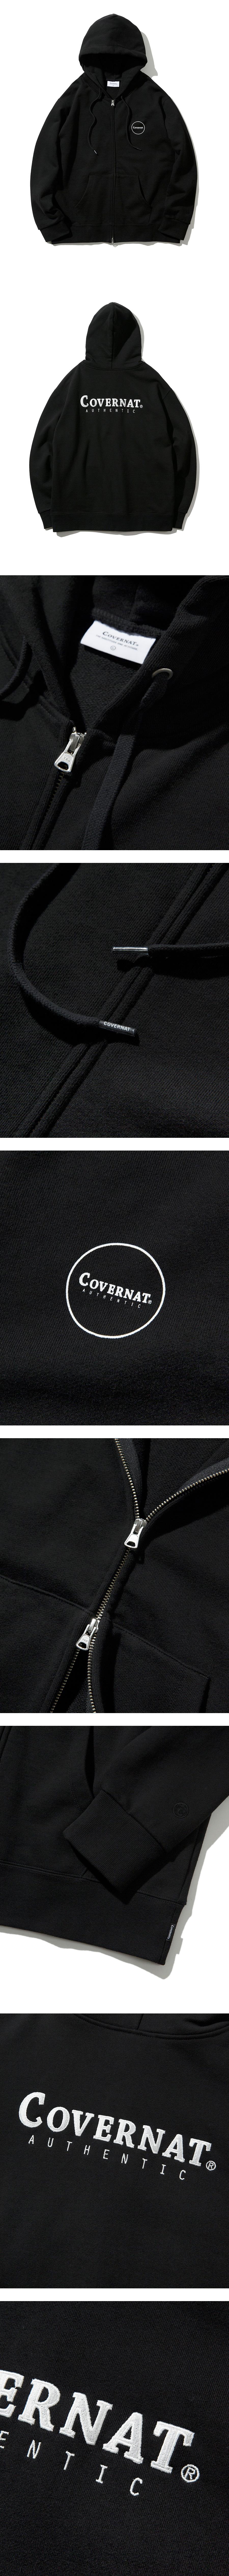 커버낫(COVERNAT) 어센틱 로고 후디 집업 블랙